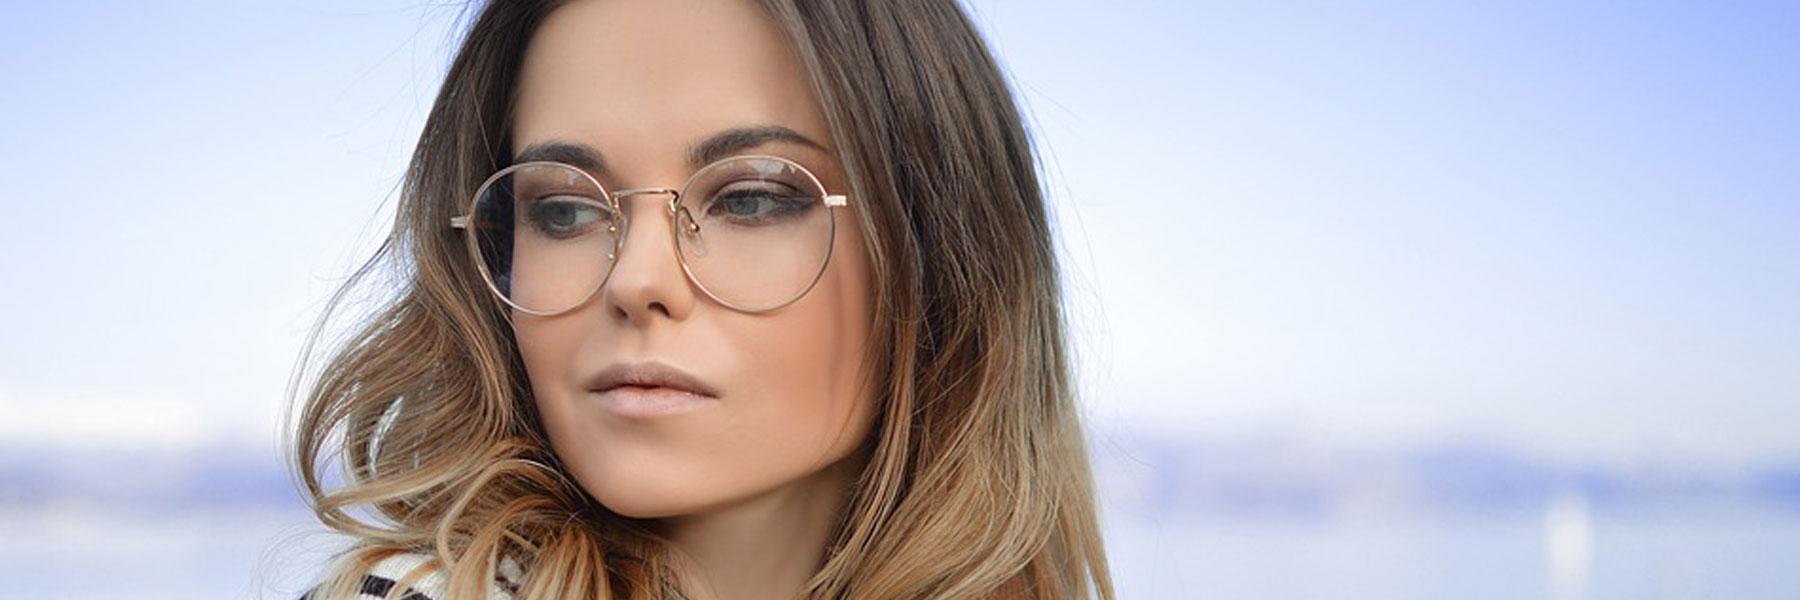 Gibt-es-einen-Fielmann-Brillengestell-Online-Shop_1800x600.jpg